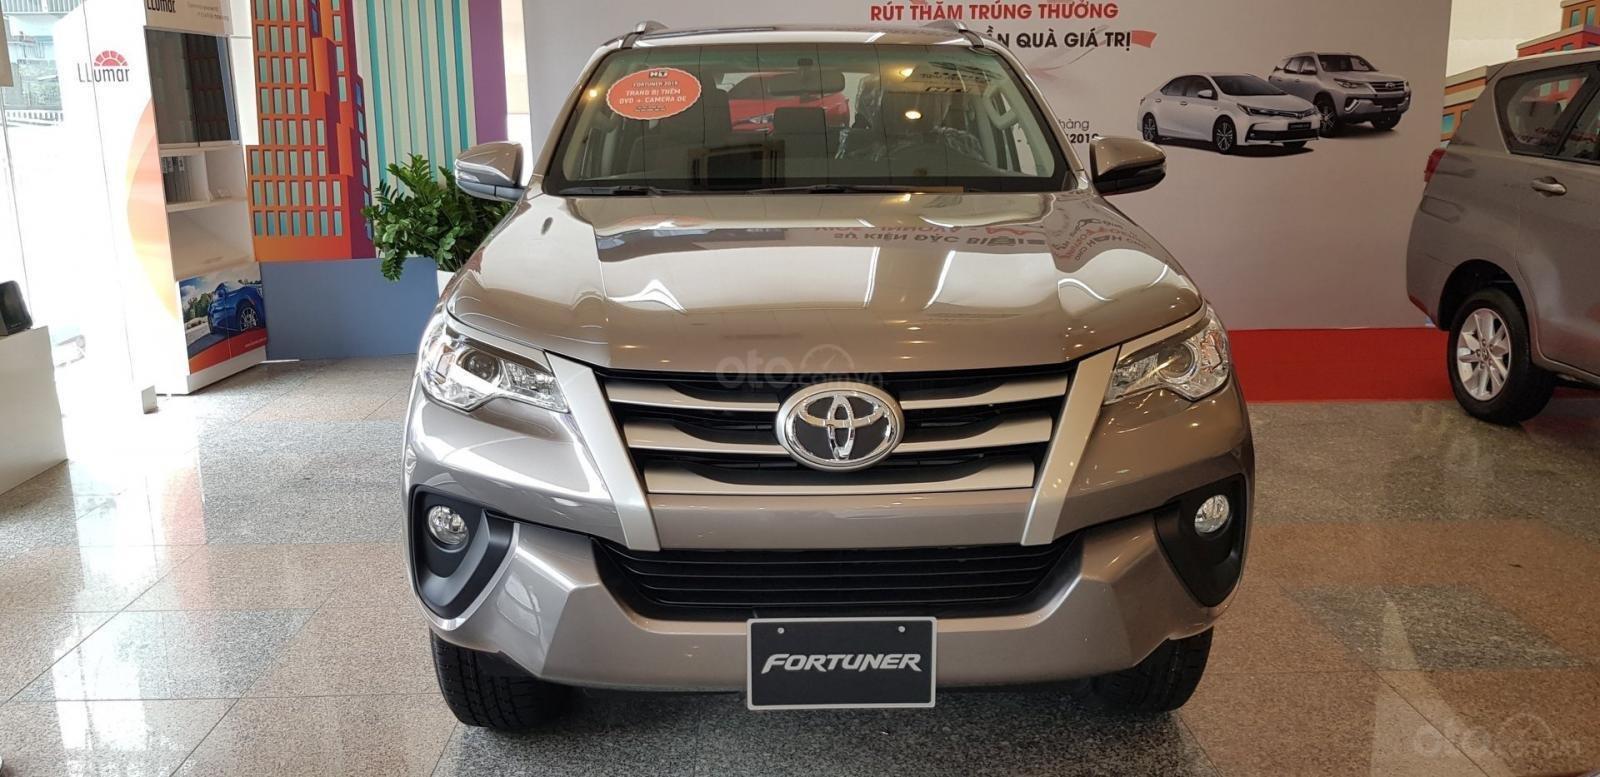 Toyota Việt Nam khuyến mại tháng 9/2019: Toyota Fortuner nhận ưu đãi đến 64 triệu đồng a3